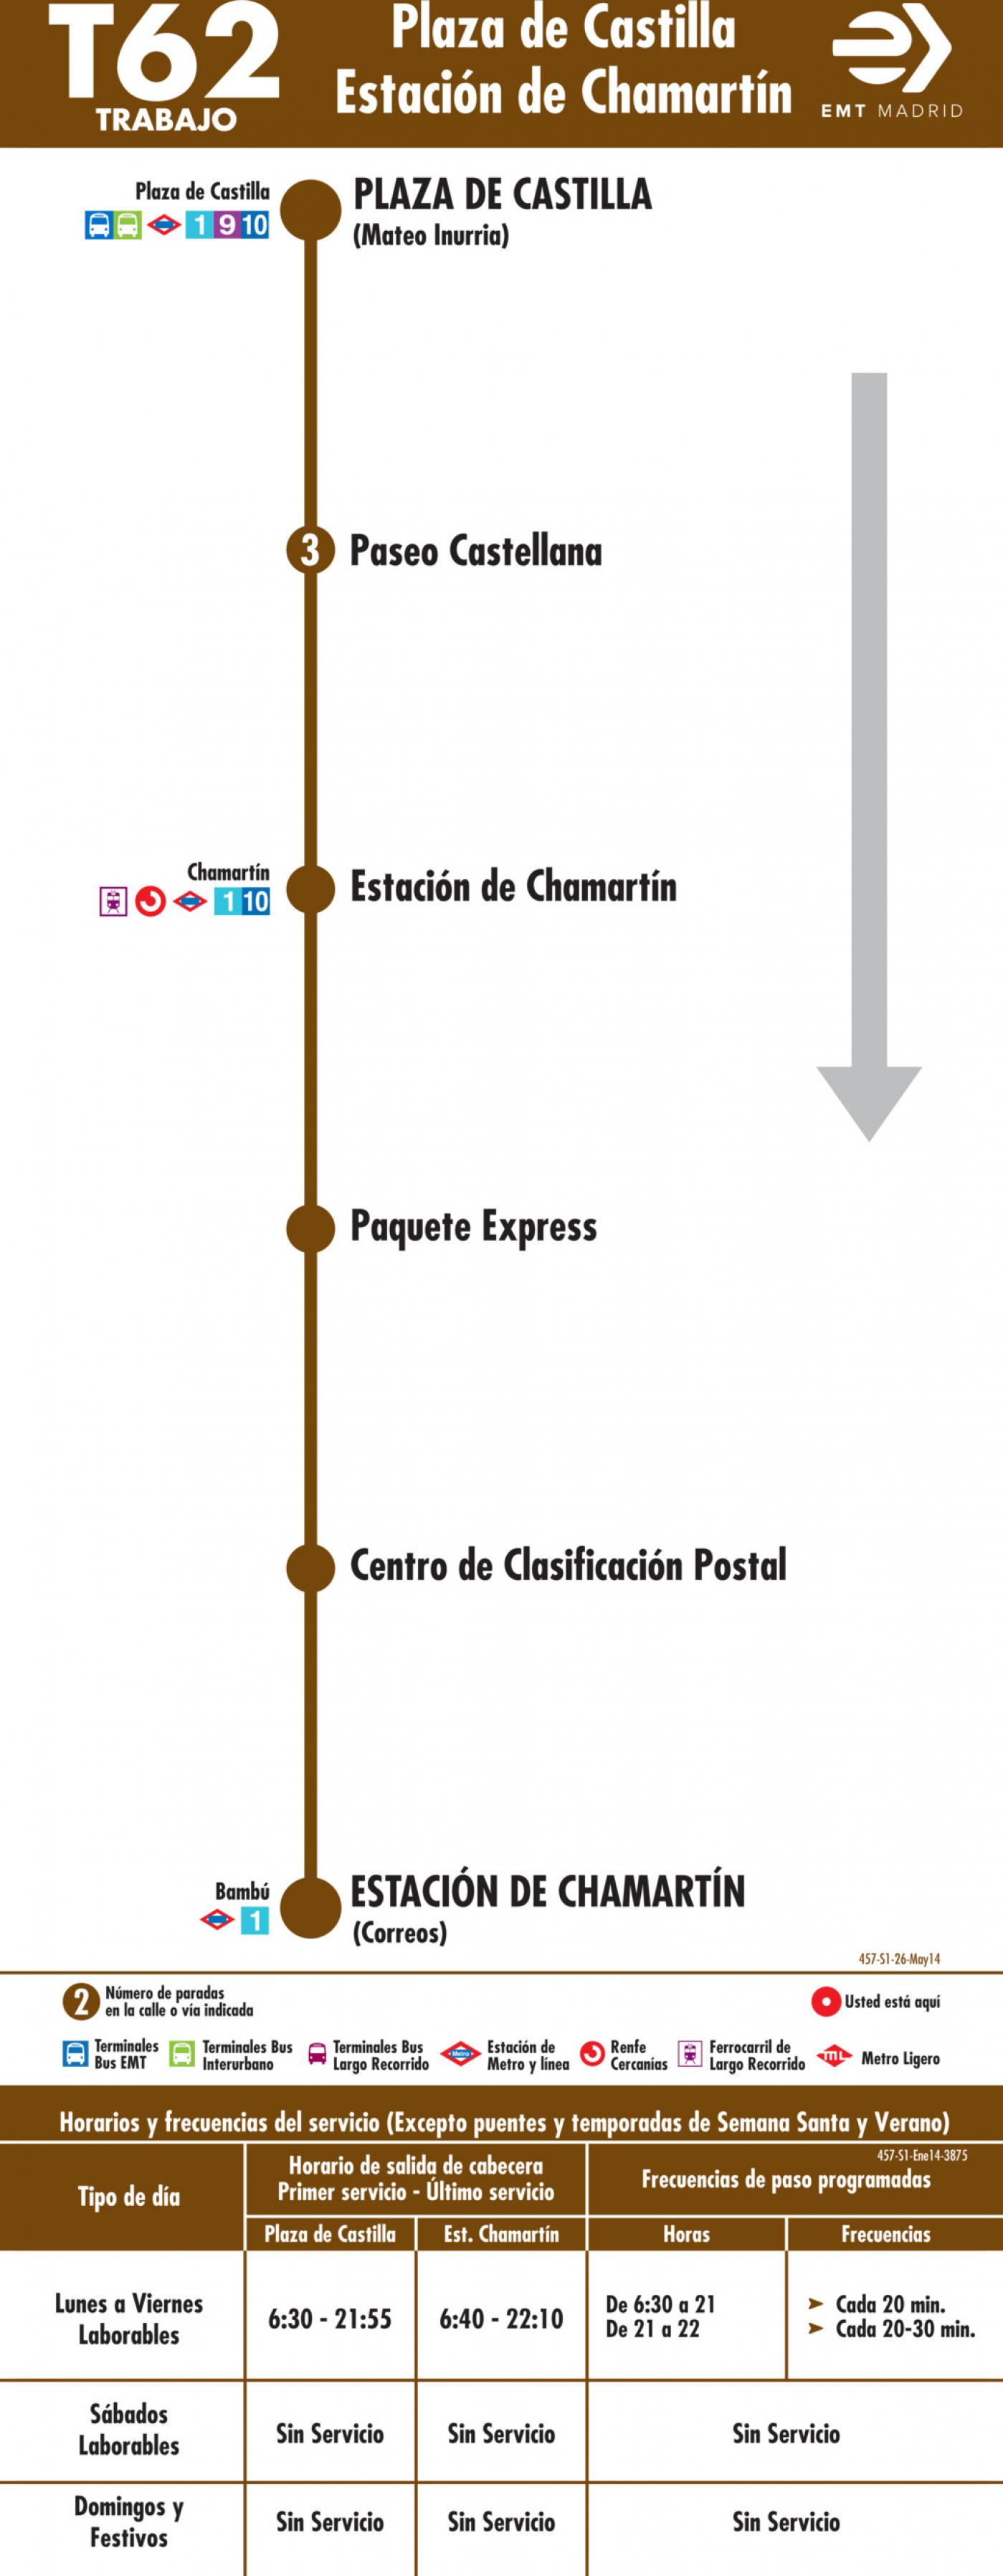 Tabla de horarios y frecuencias de paso en sentido ida Línea T62: Plaza de Castilla - Estación de Chamartín